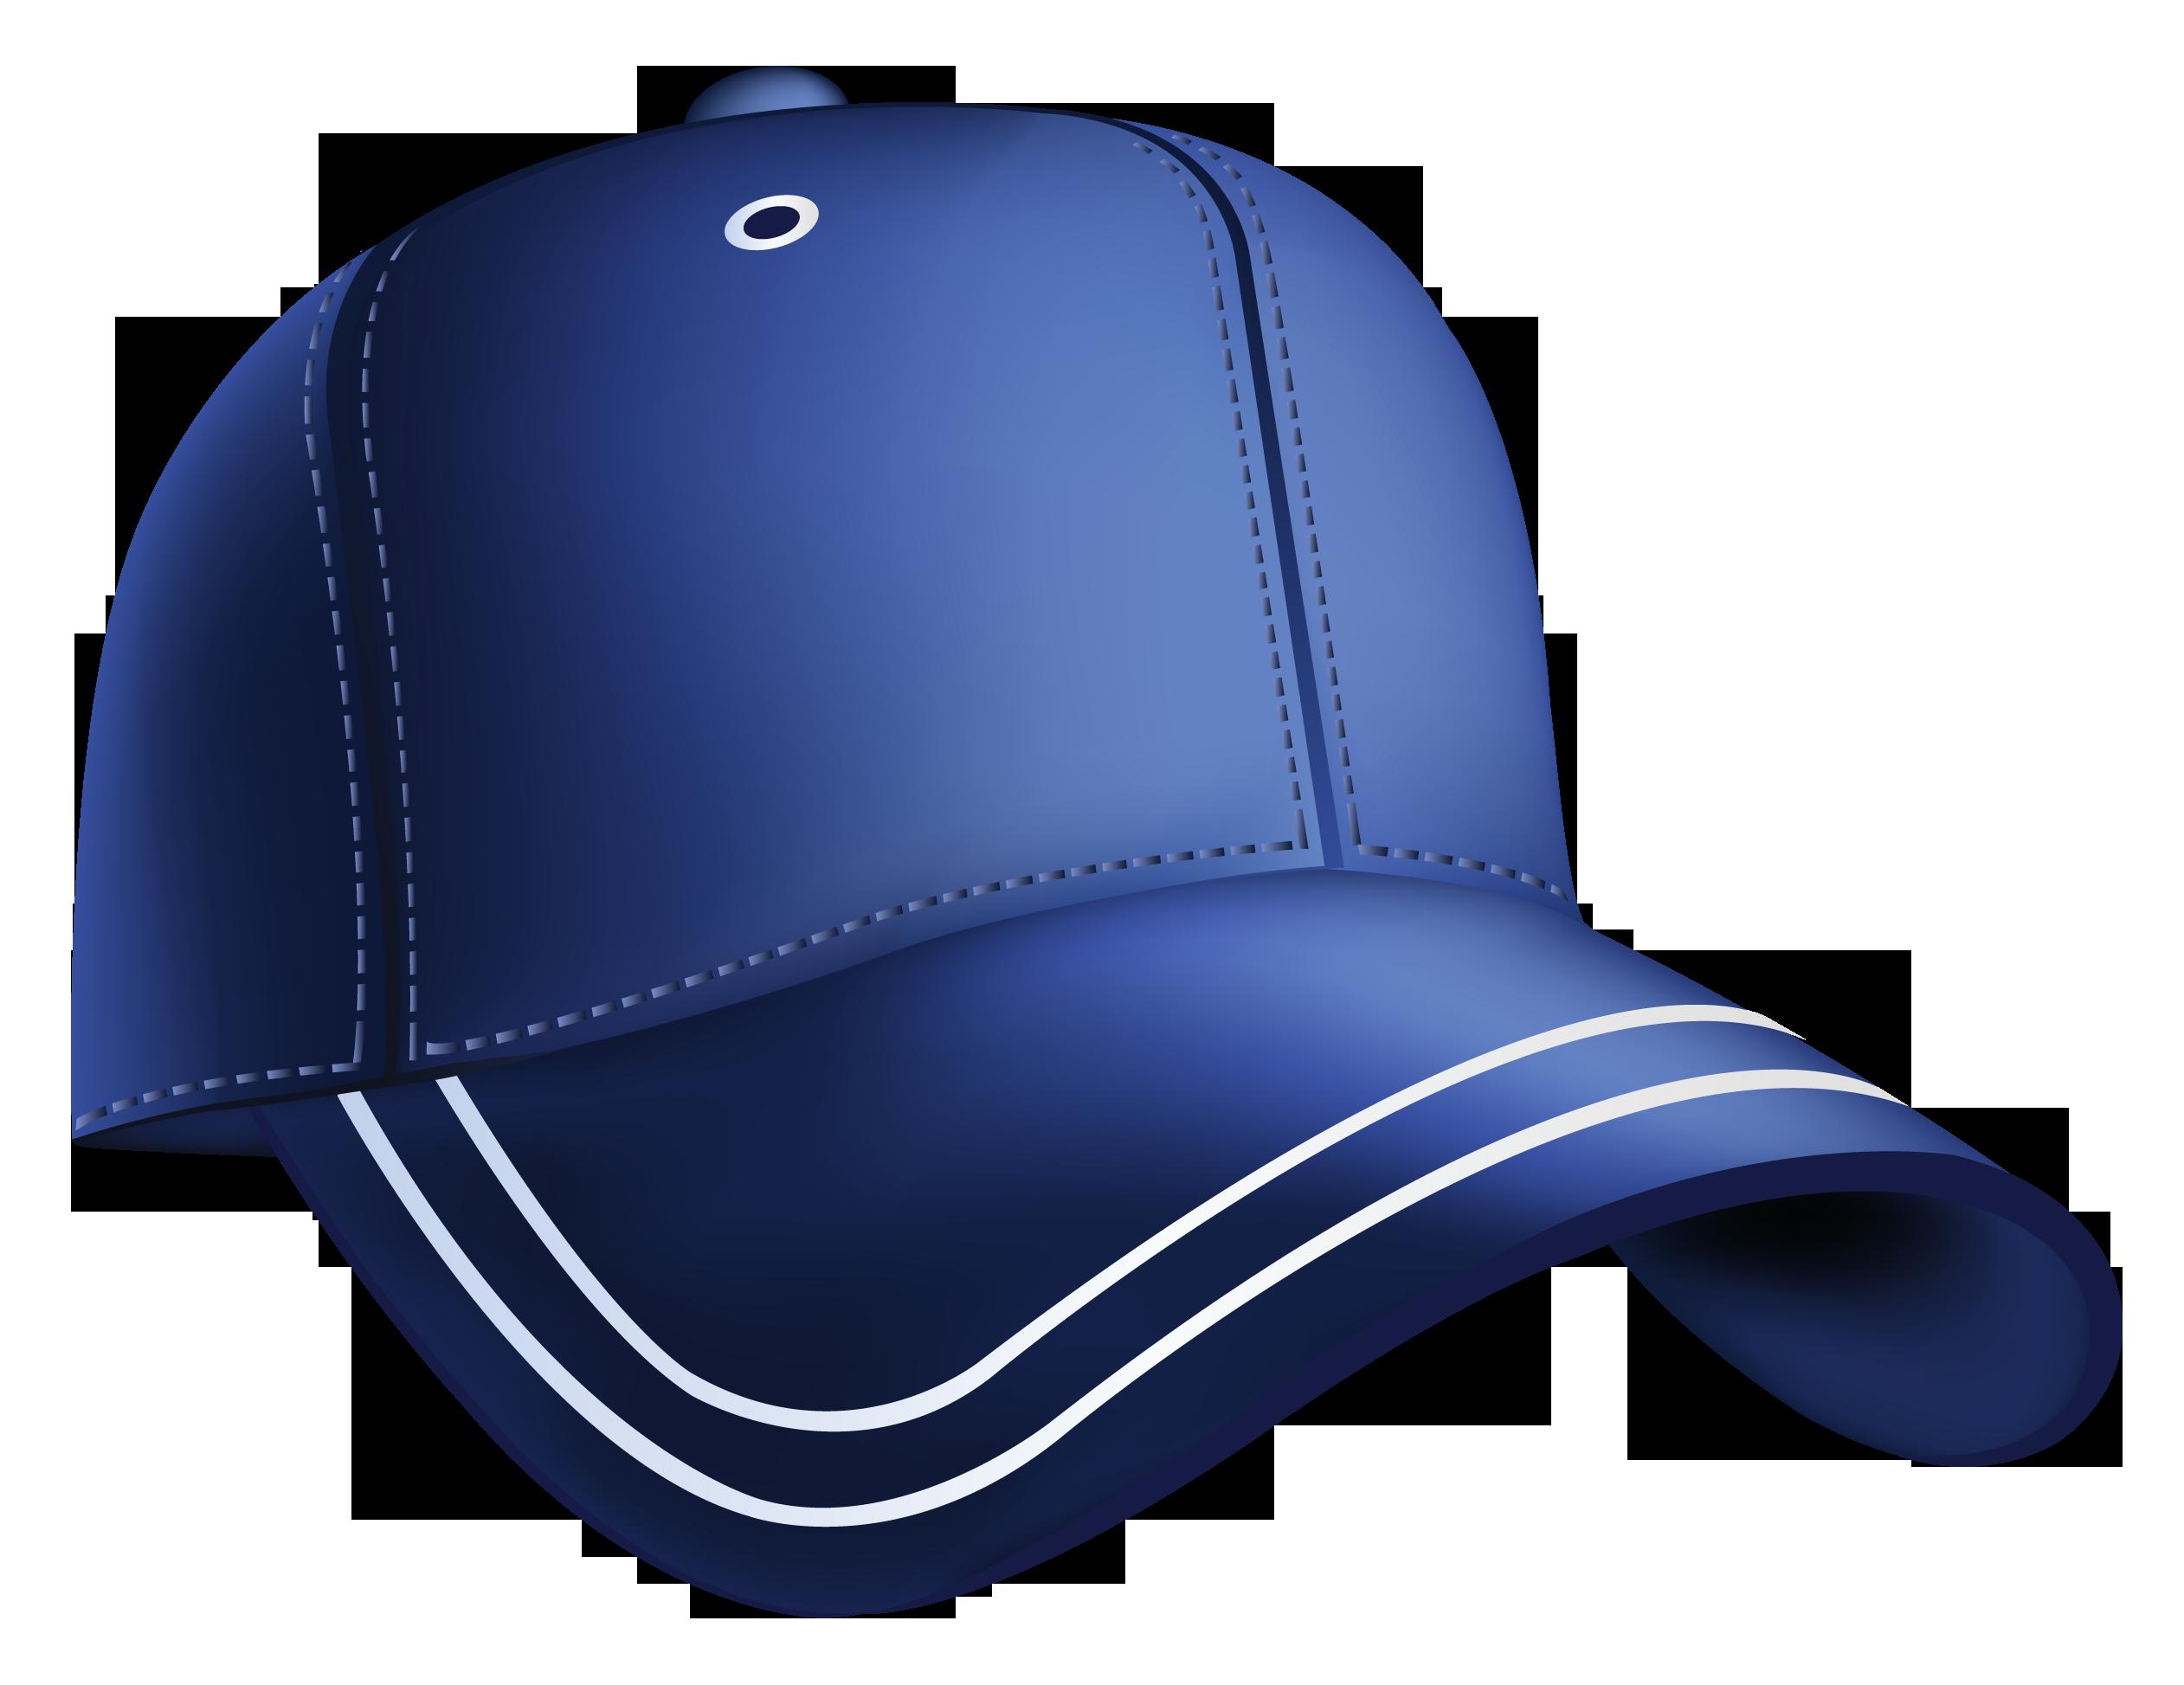 2523x1947 Hat Clip Art Free Clipart Images 2 Clipartix